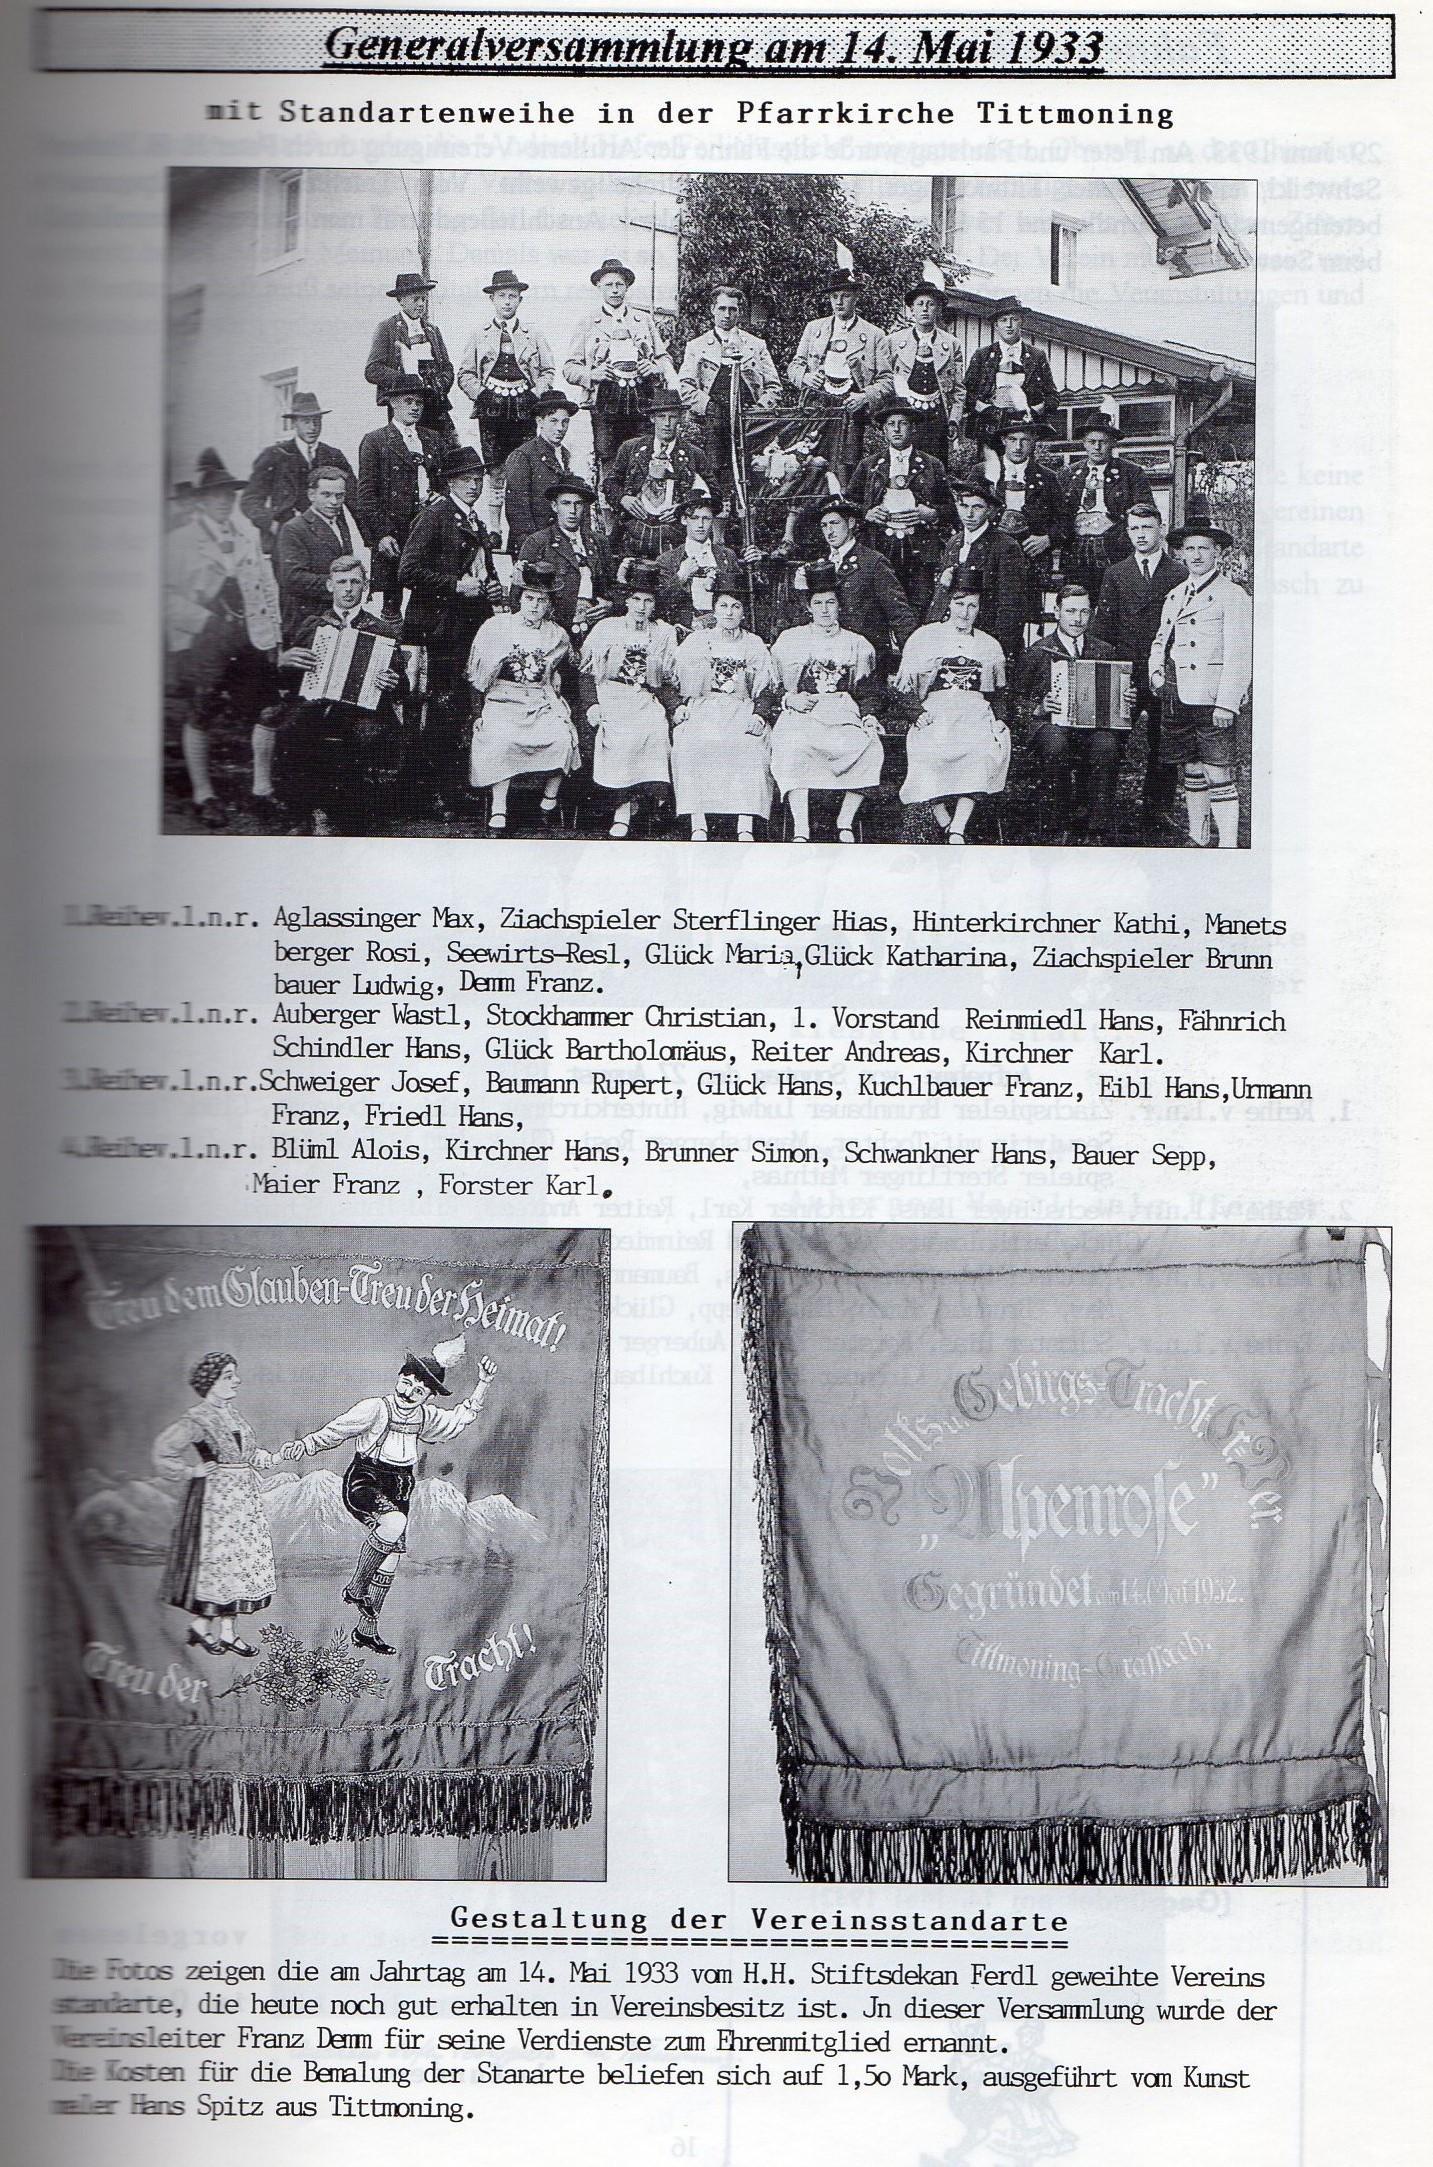 Generalversammlung1933